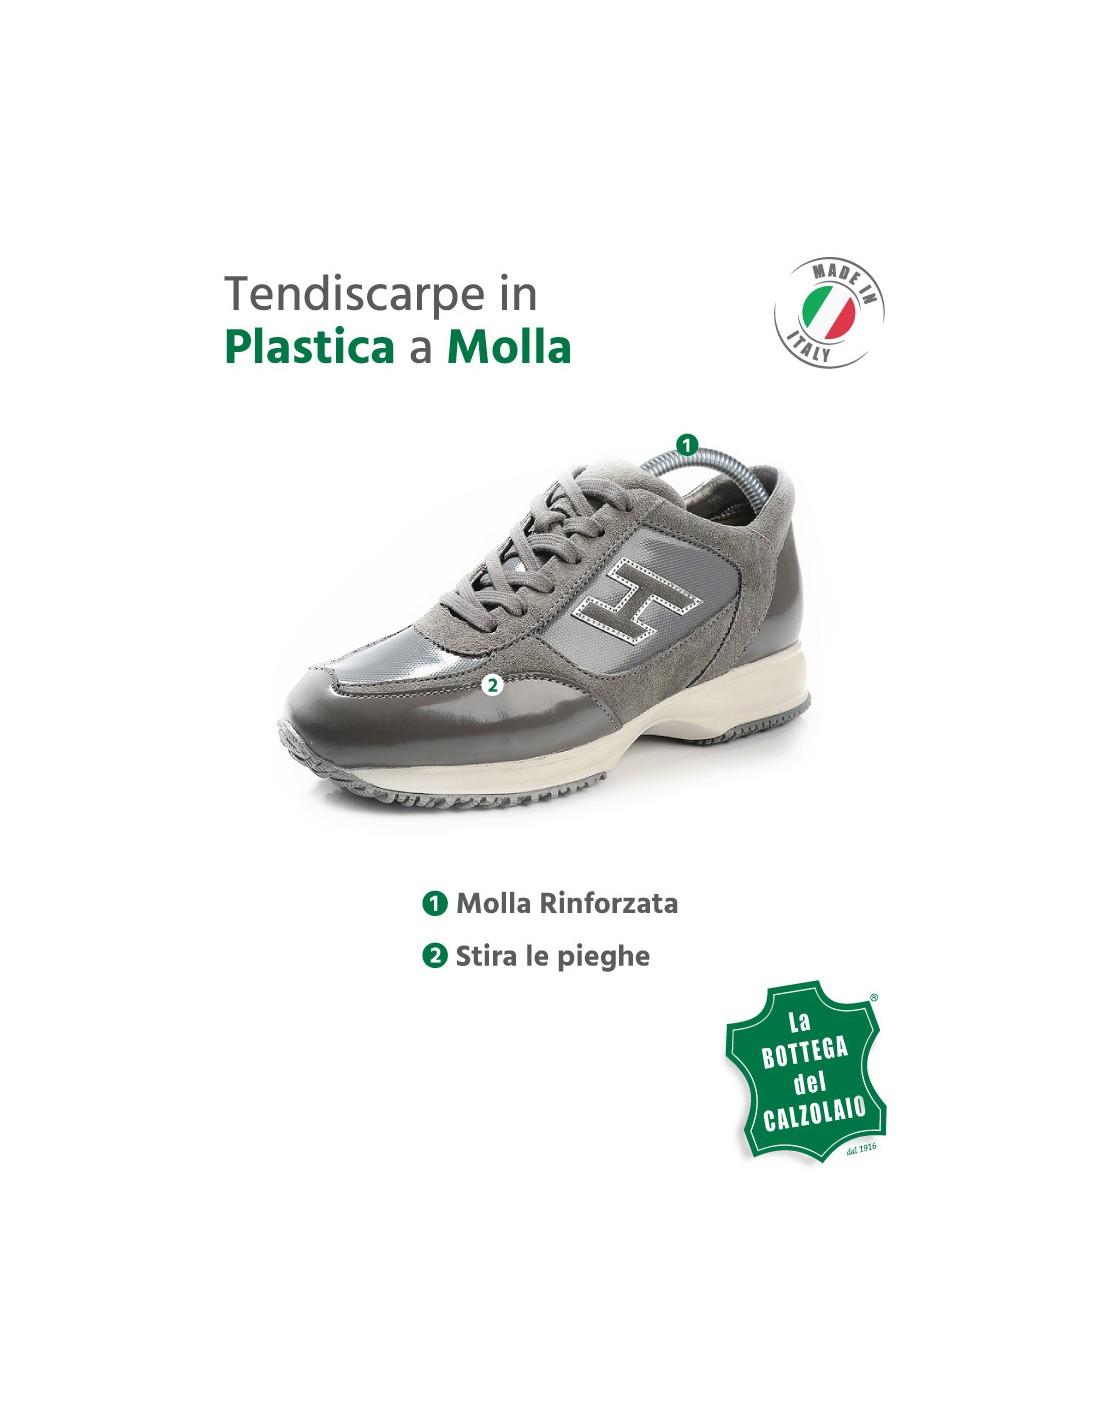 f710705497 Tendiscarpe in plastica con molla per mantenere la forma delle scarpe